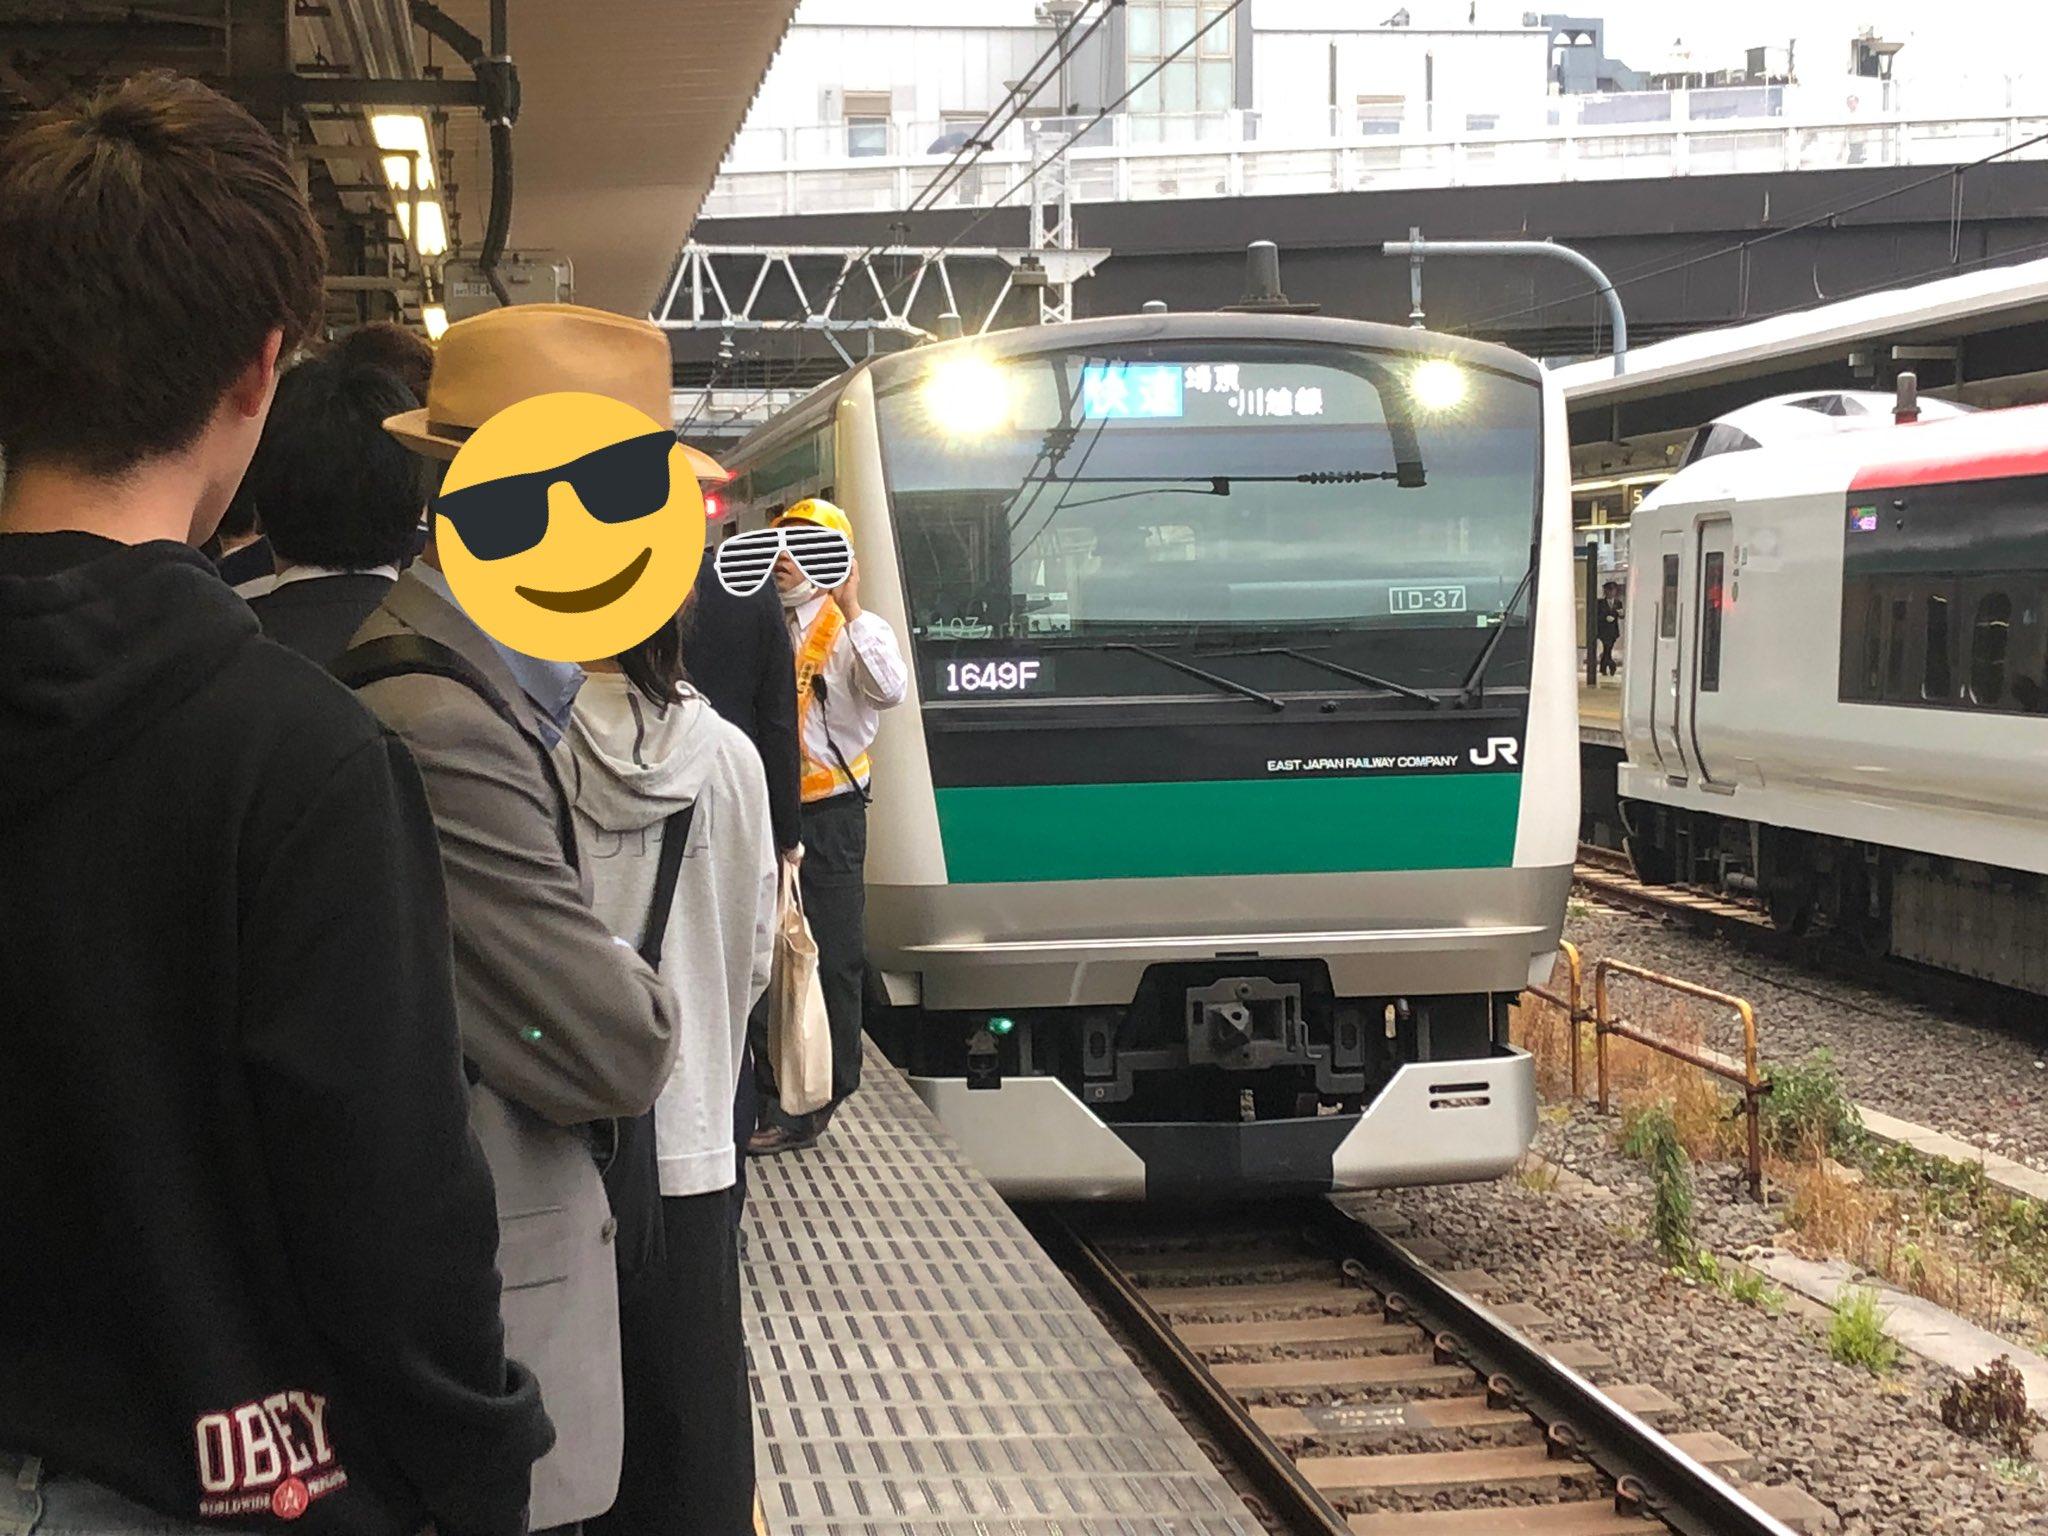 画像,2019年4月24日(水)PM16時43分頃JR新宿駅4番線 人身事故発生 https://t.co/4WLErqhSmT…